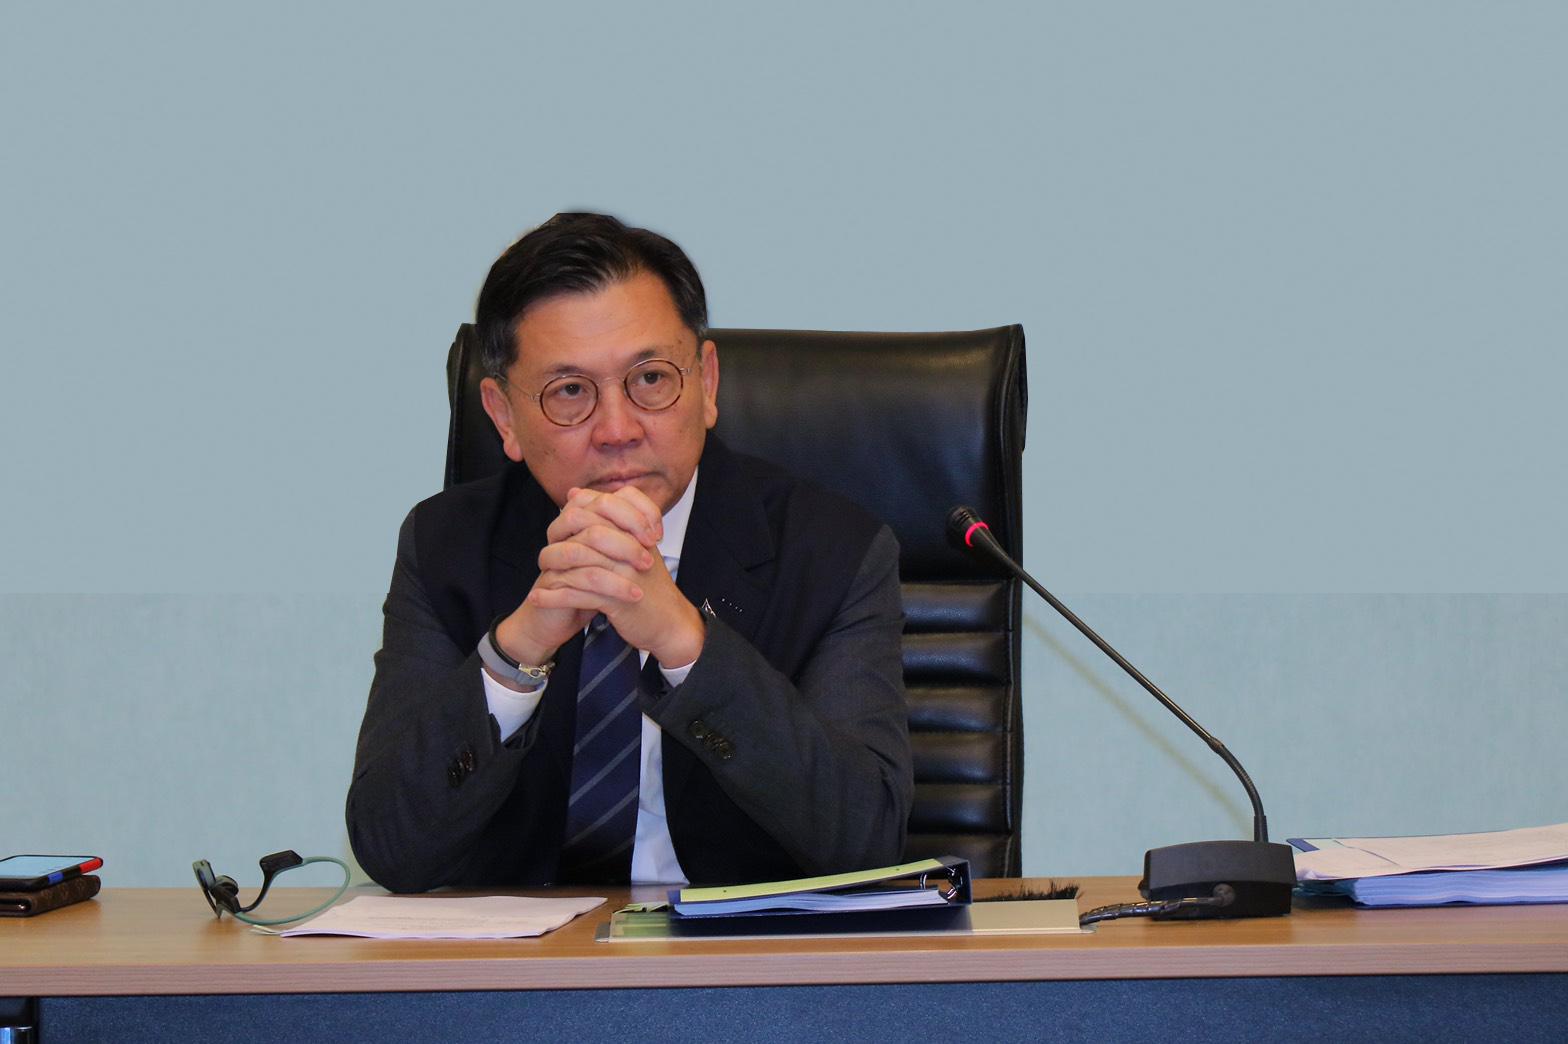 ทช. ประชุมสรรหากรรมการผู้ทรงคุณวุฒิ บริหารจัดการทรัพยากรทางทะเลและชายฝั่งแห่งชาติ